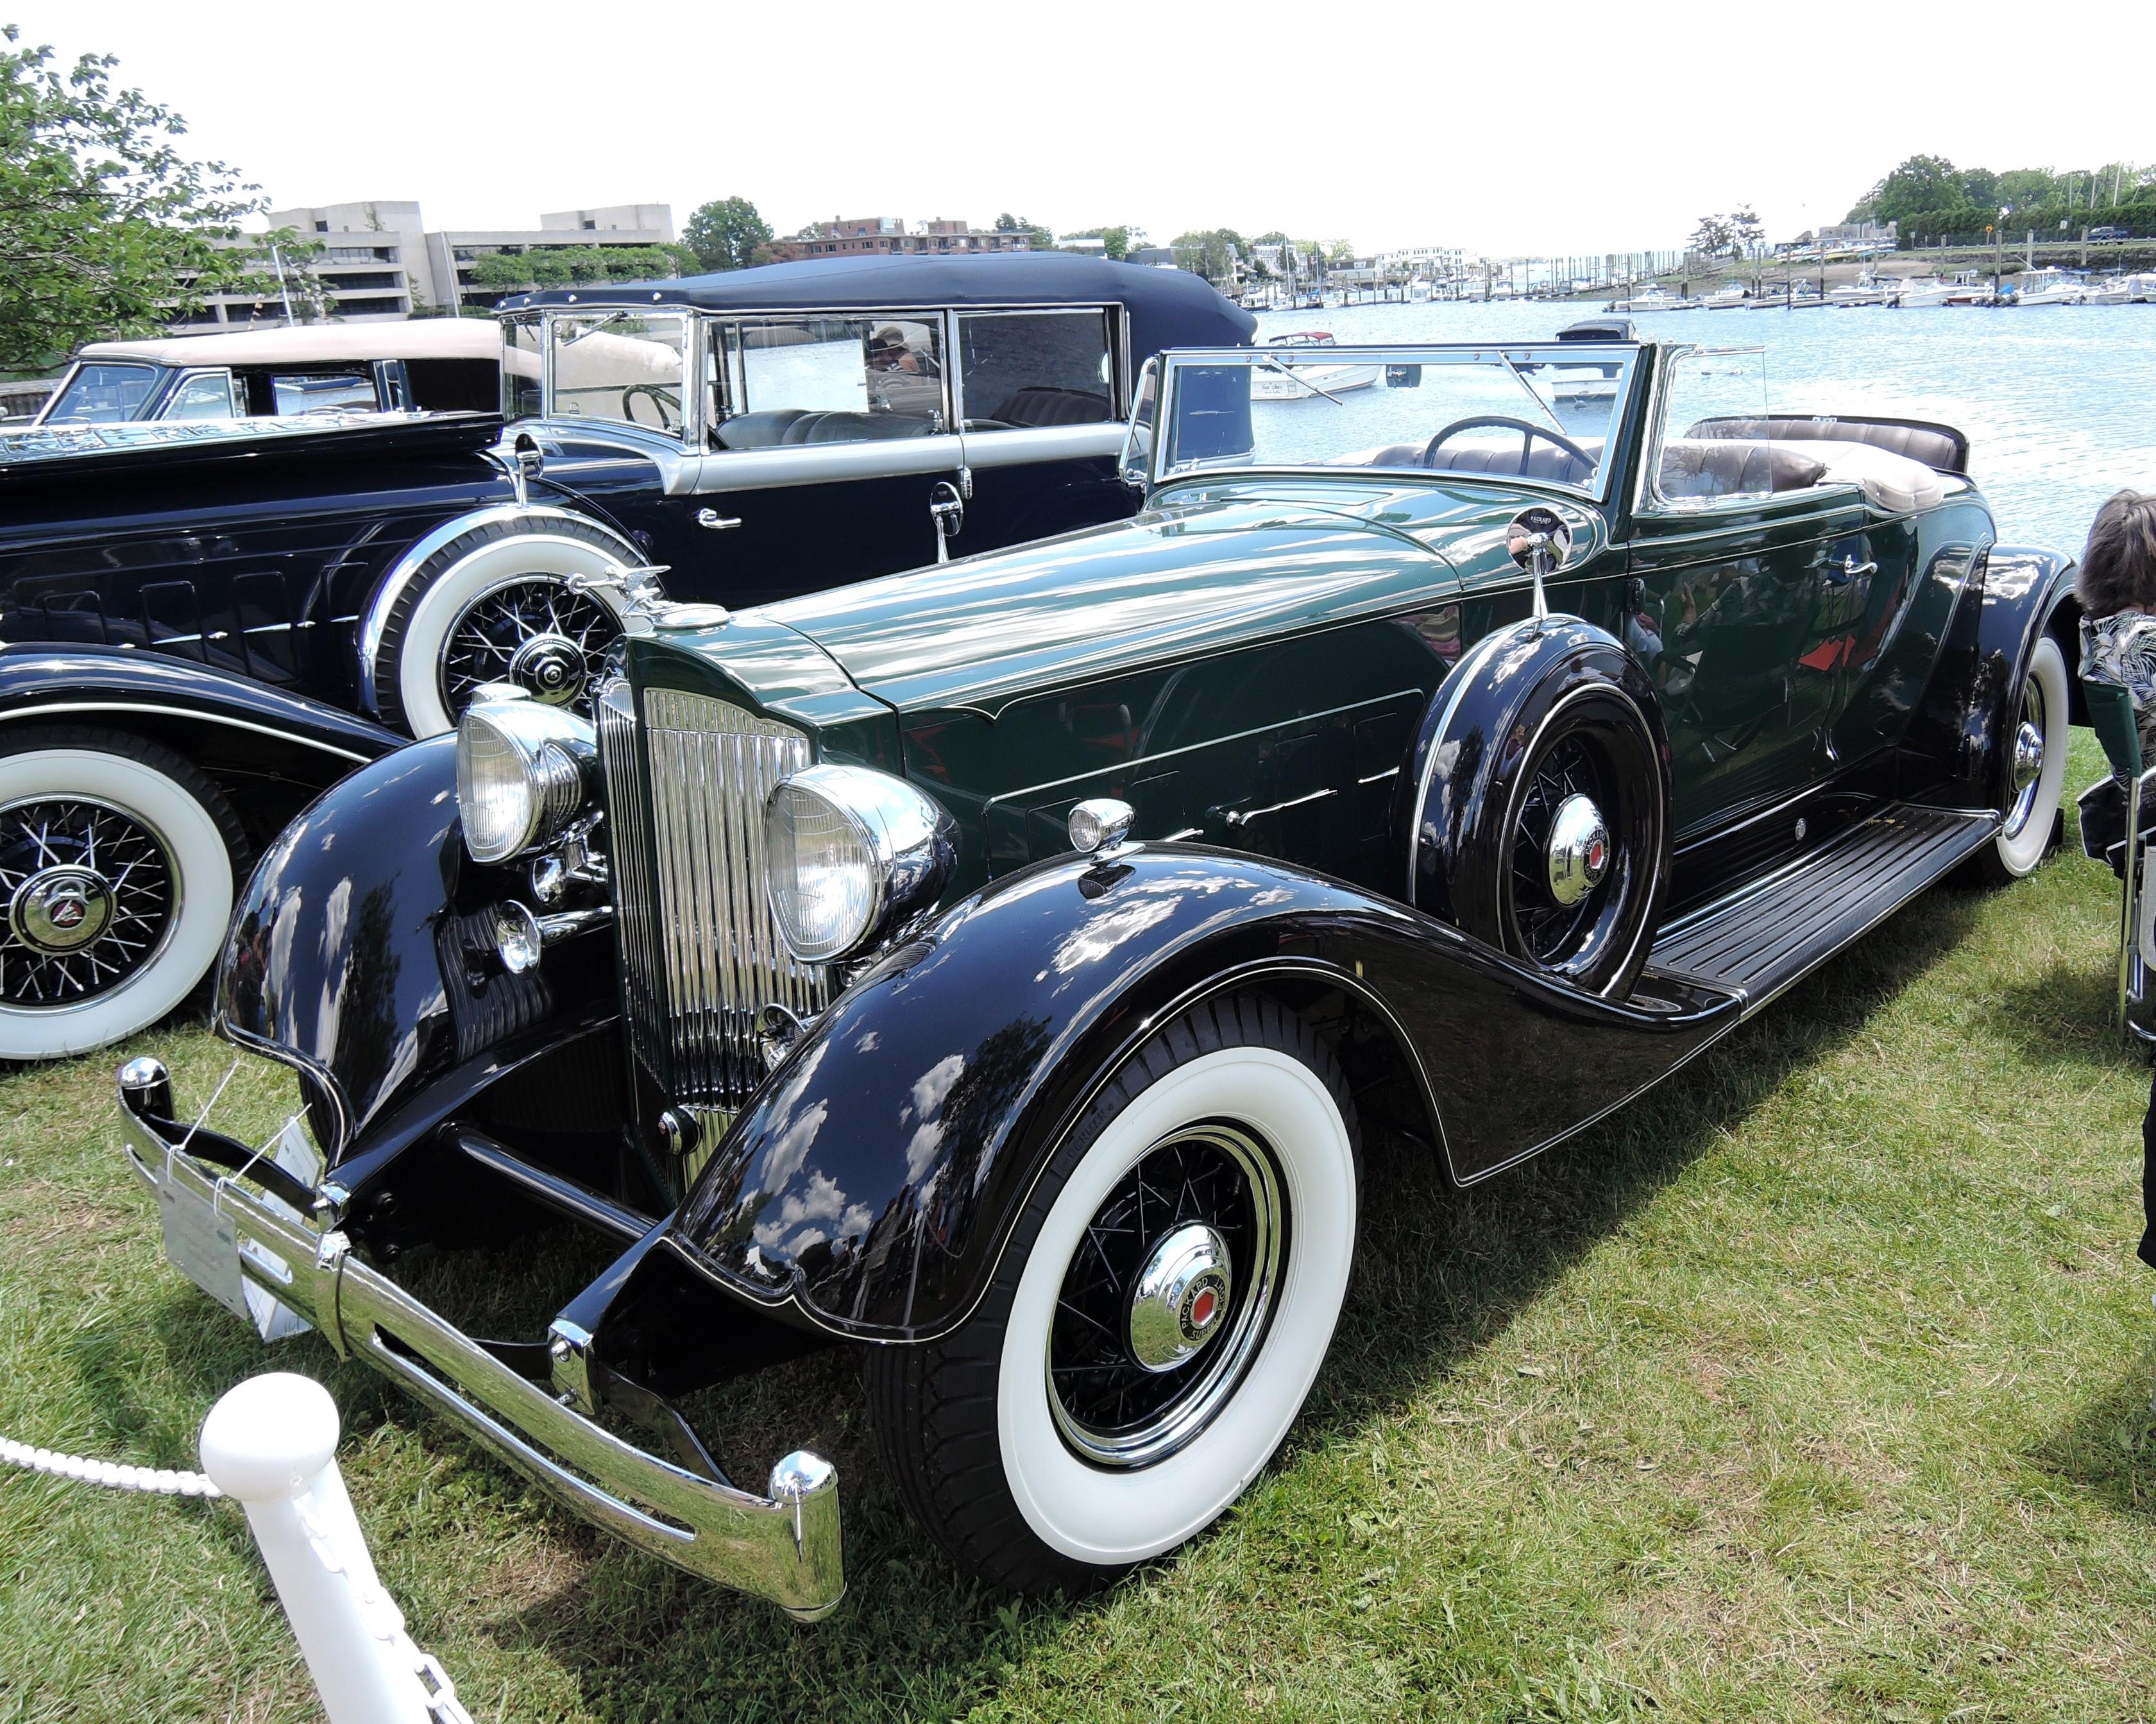 green/blue 1934 Packard 1104 Super Eight - Greenwich Concours d'Elegance 2017